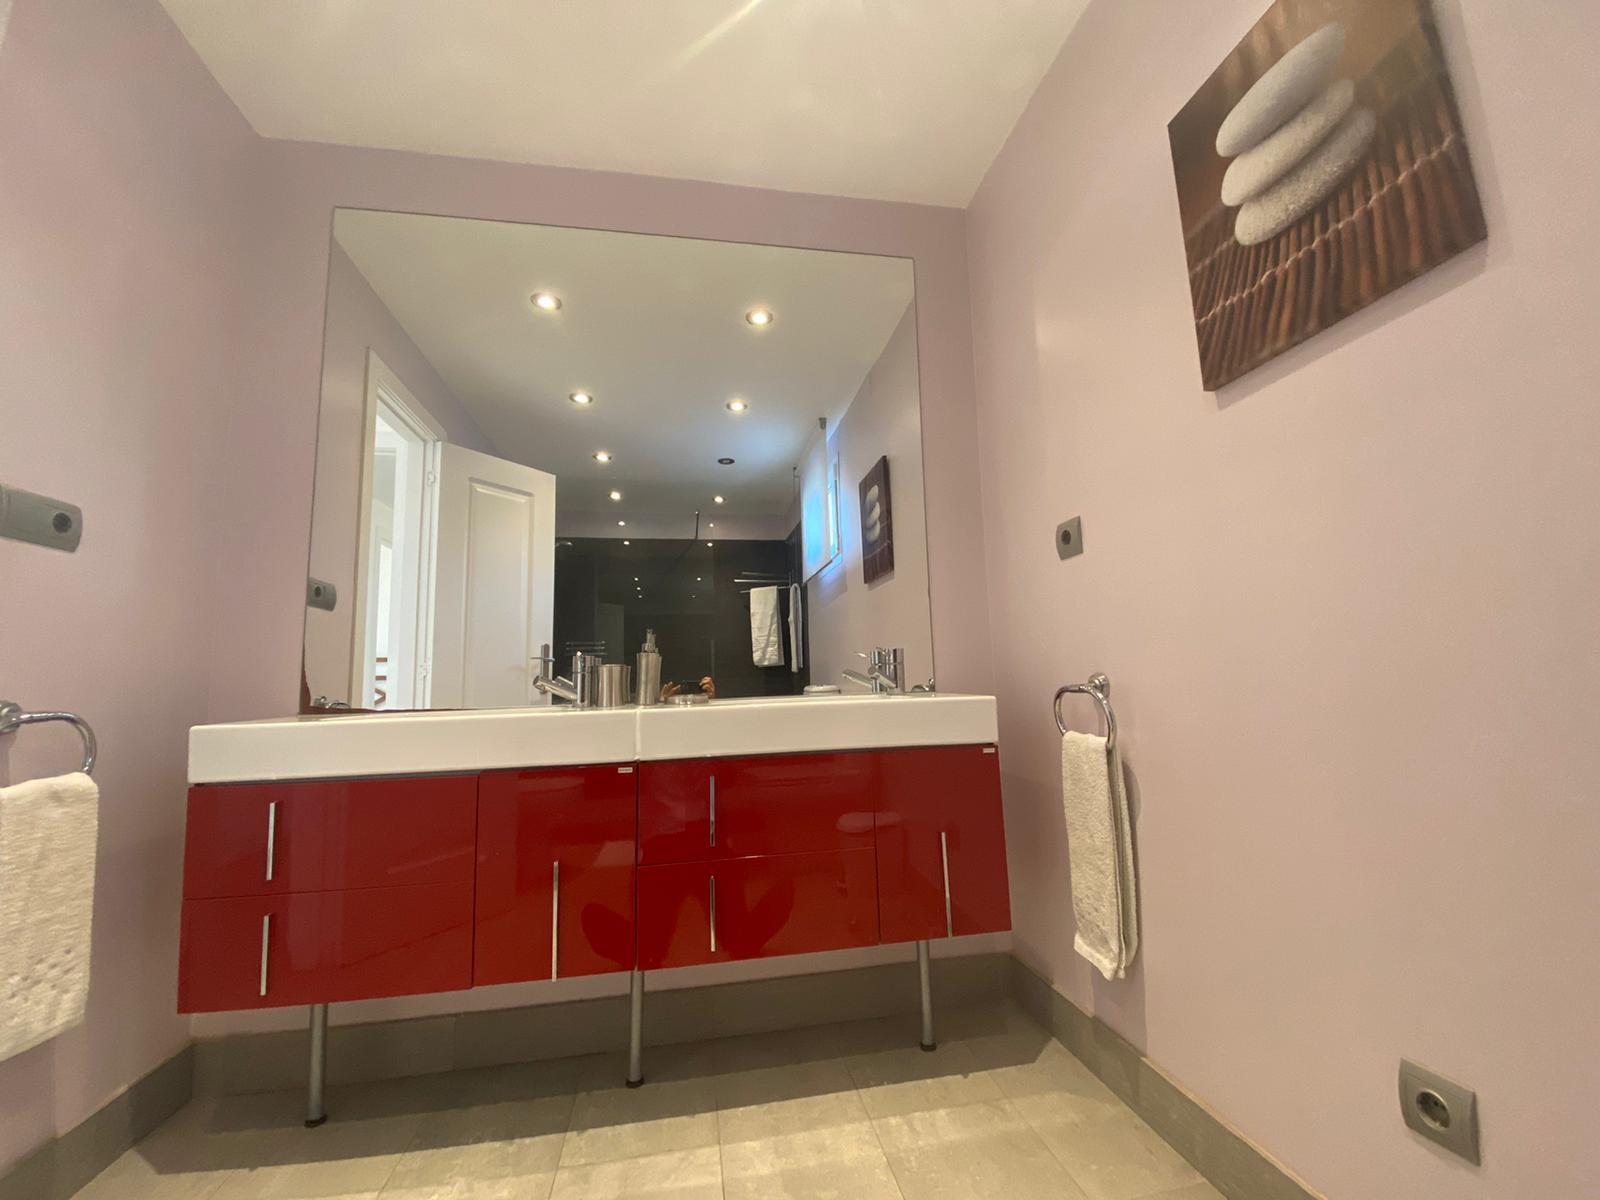 Imagen 34 del Apartamento Turístico, Ático 6 Levante (3d+2b), Punta del Moral (HUELVA), Paseo de la Cruz nº22